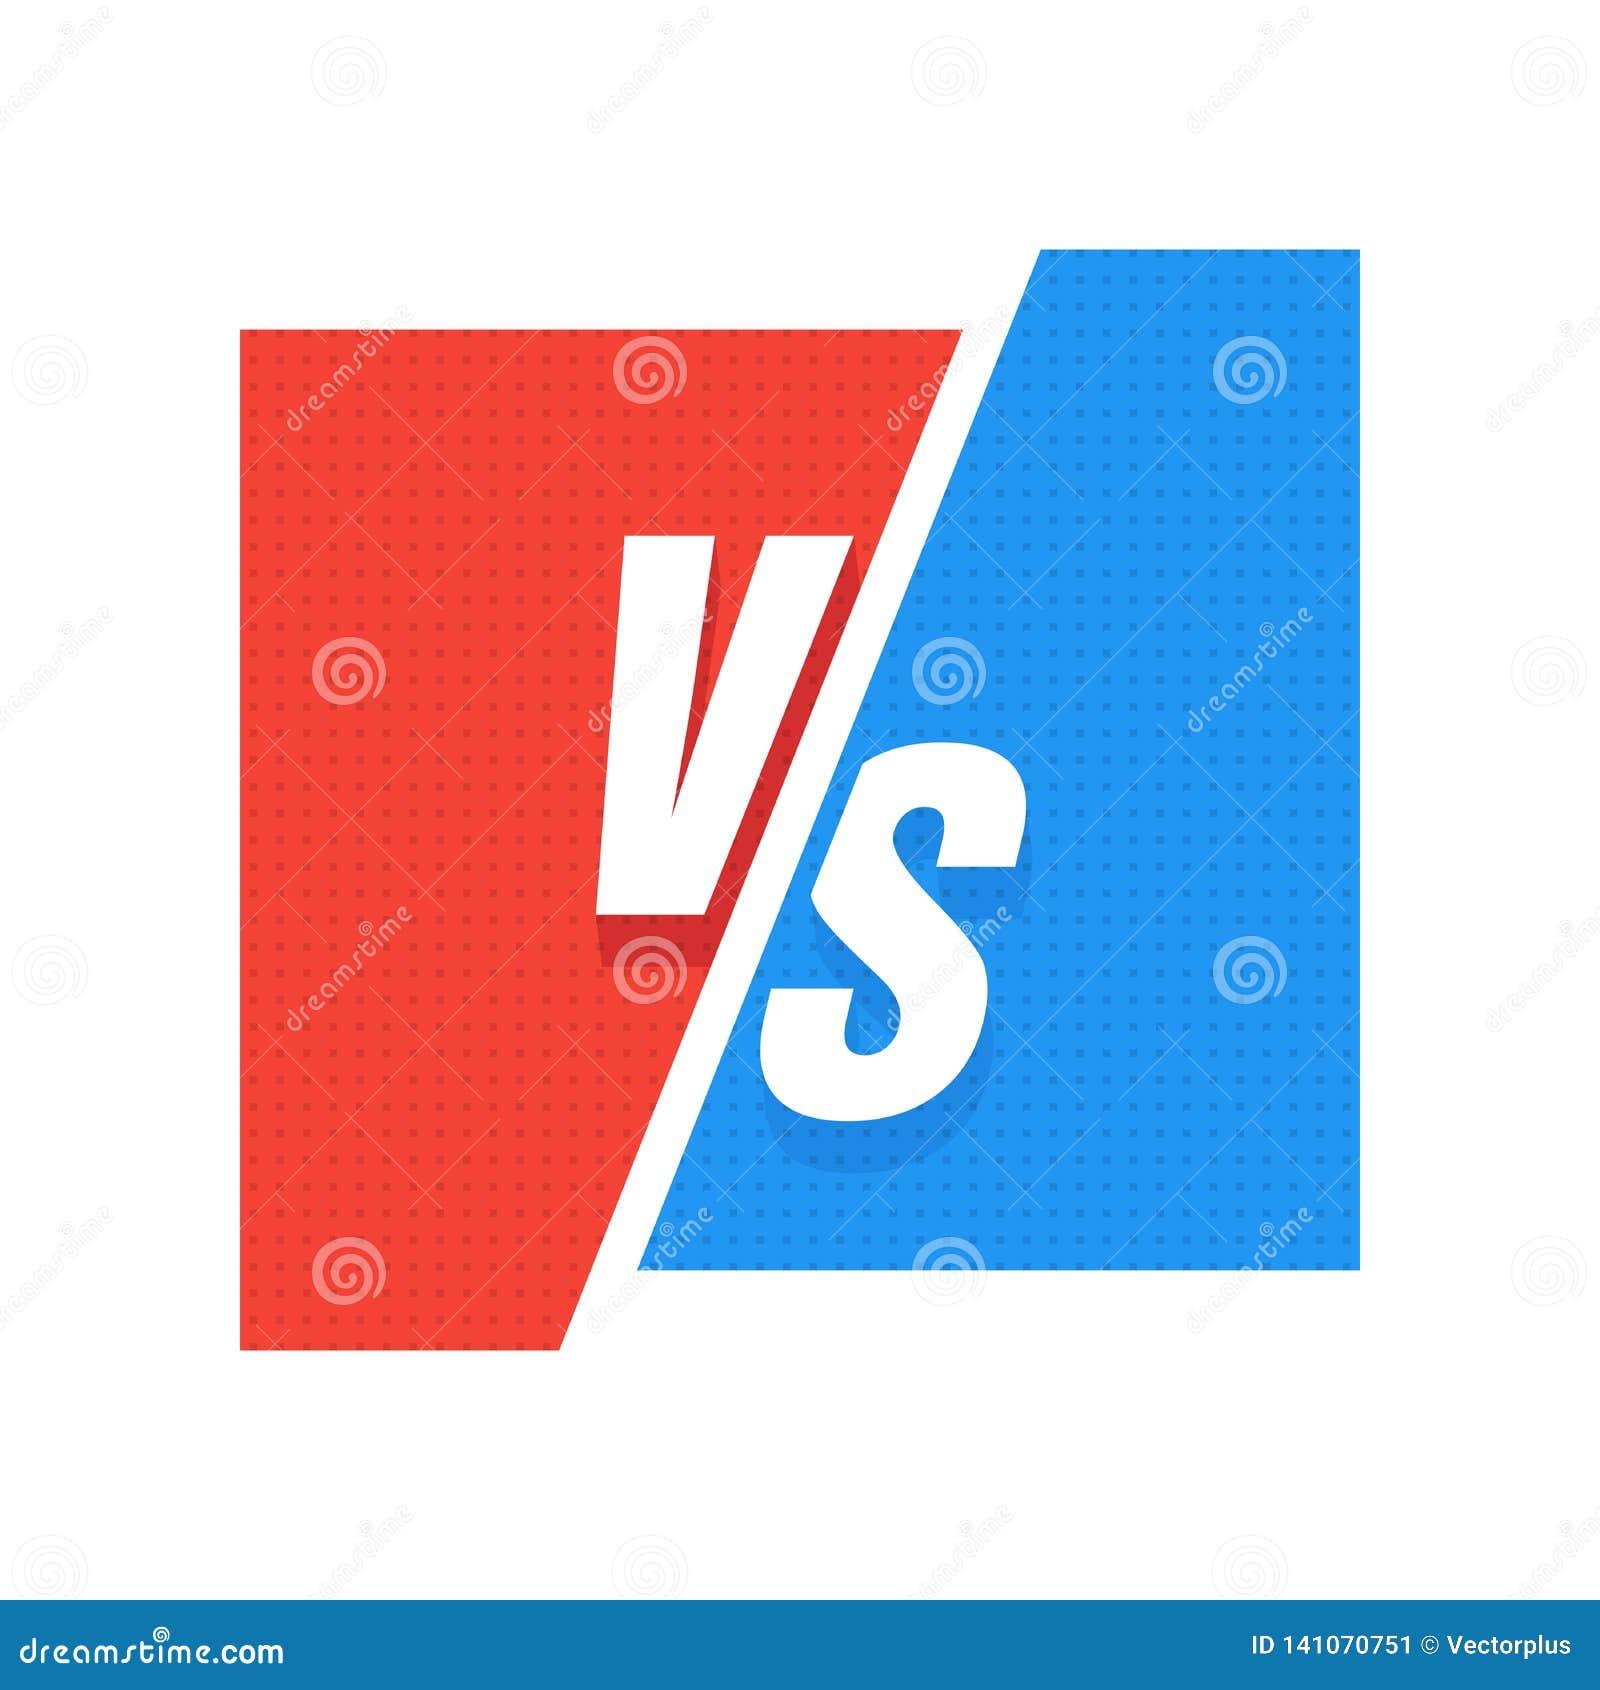 VS Błękitny i czerwony komiczny projekt Versus wektor